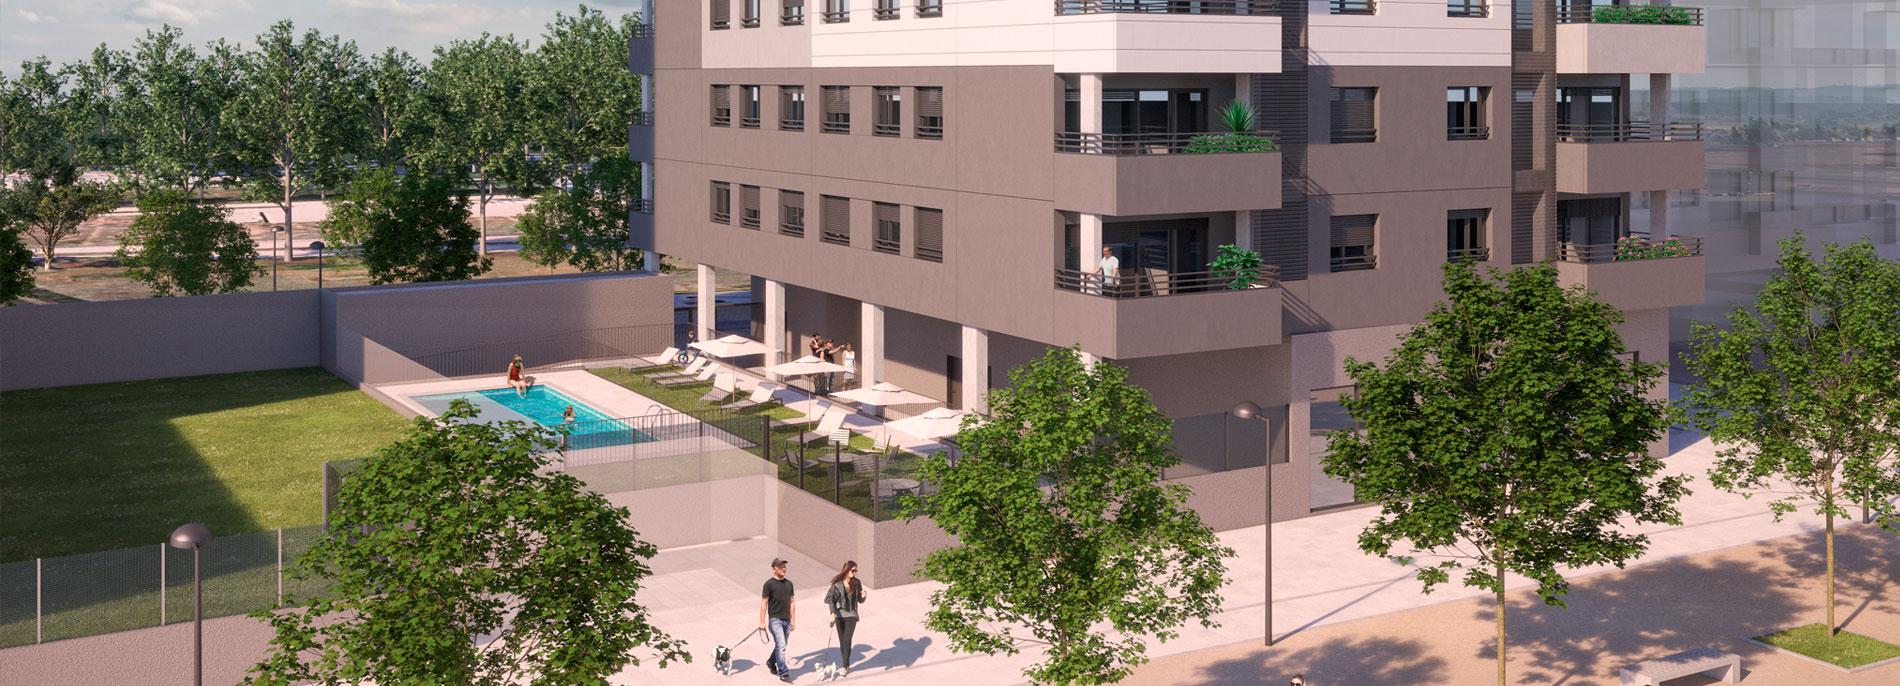 Edificio Adagio